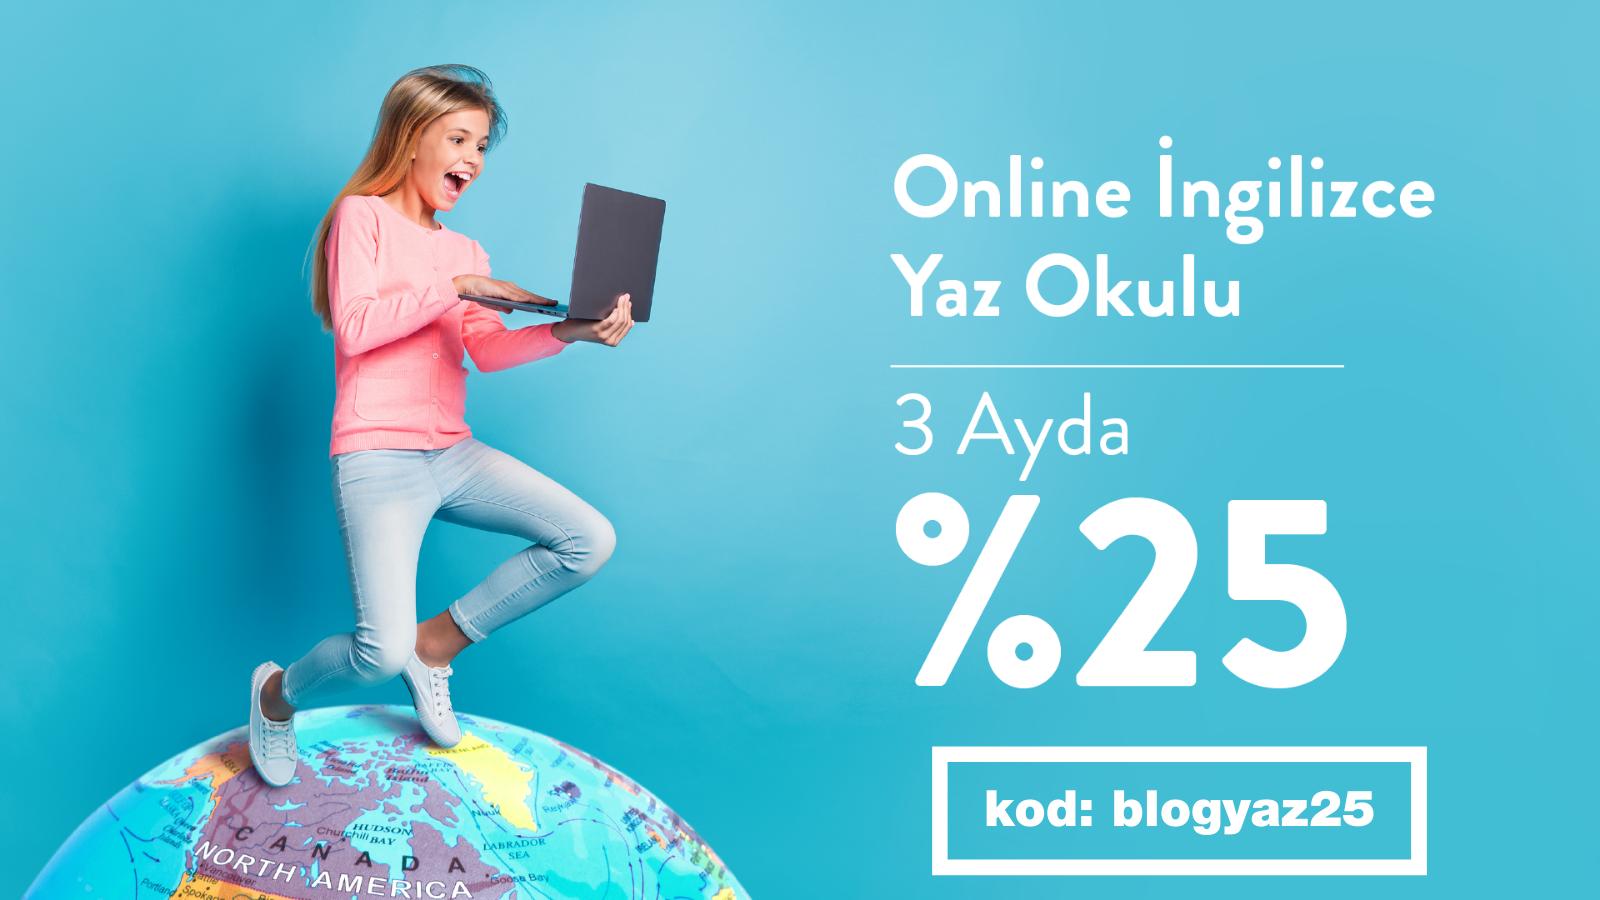 Online İngilizce Yaz Okulu 3 Ayda %25 indirim kod: blogyaz25